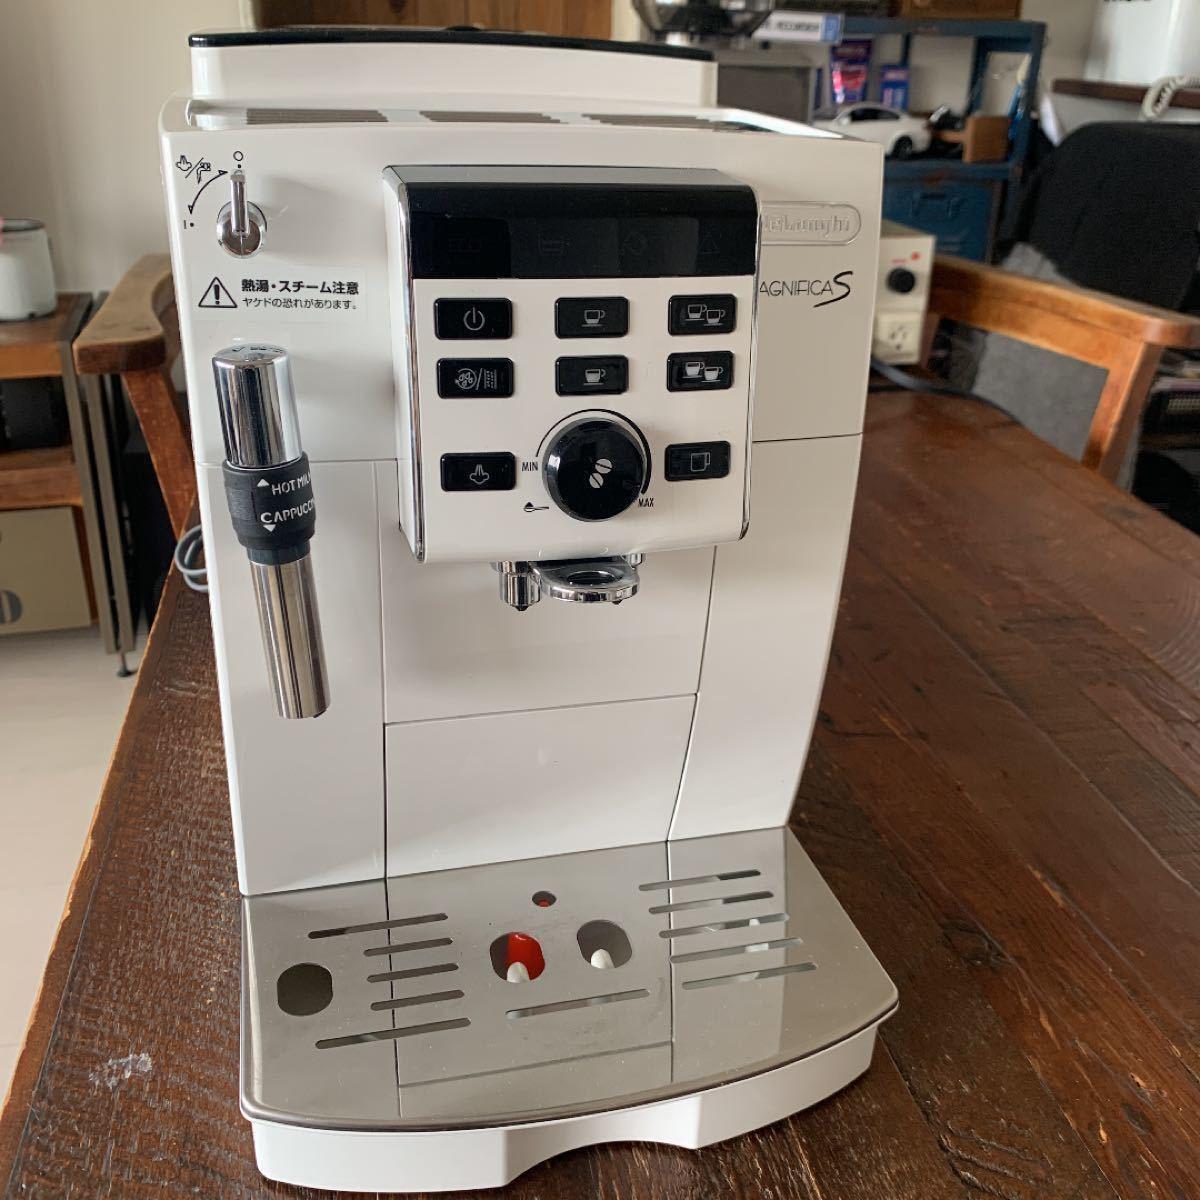 マグニフィカS デロンギ delongi エスプレッソマシン 全自動 ホワイト 白 ECAM23120WN 保証 ラテアート